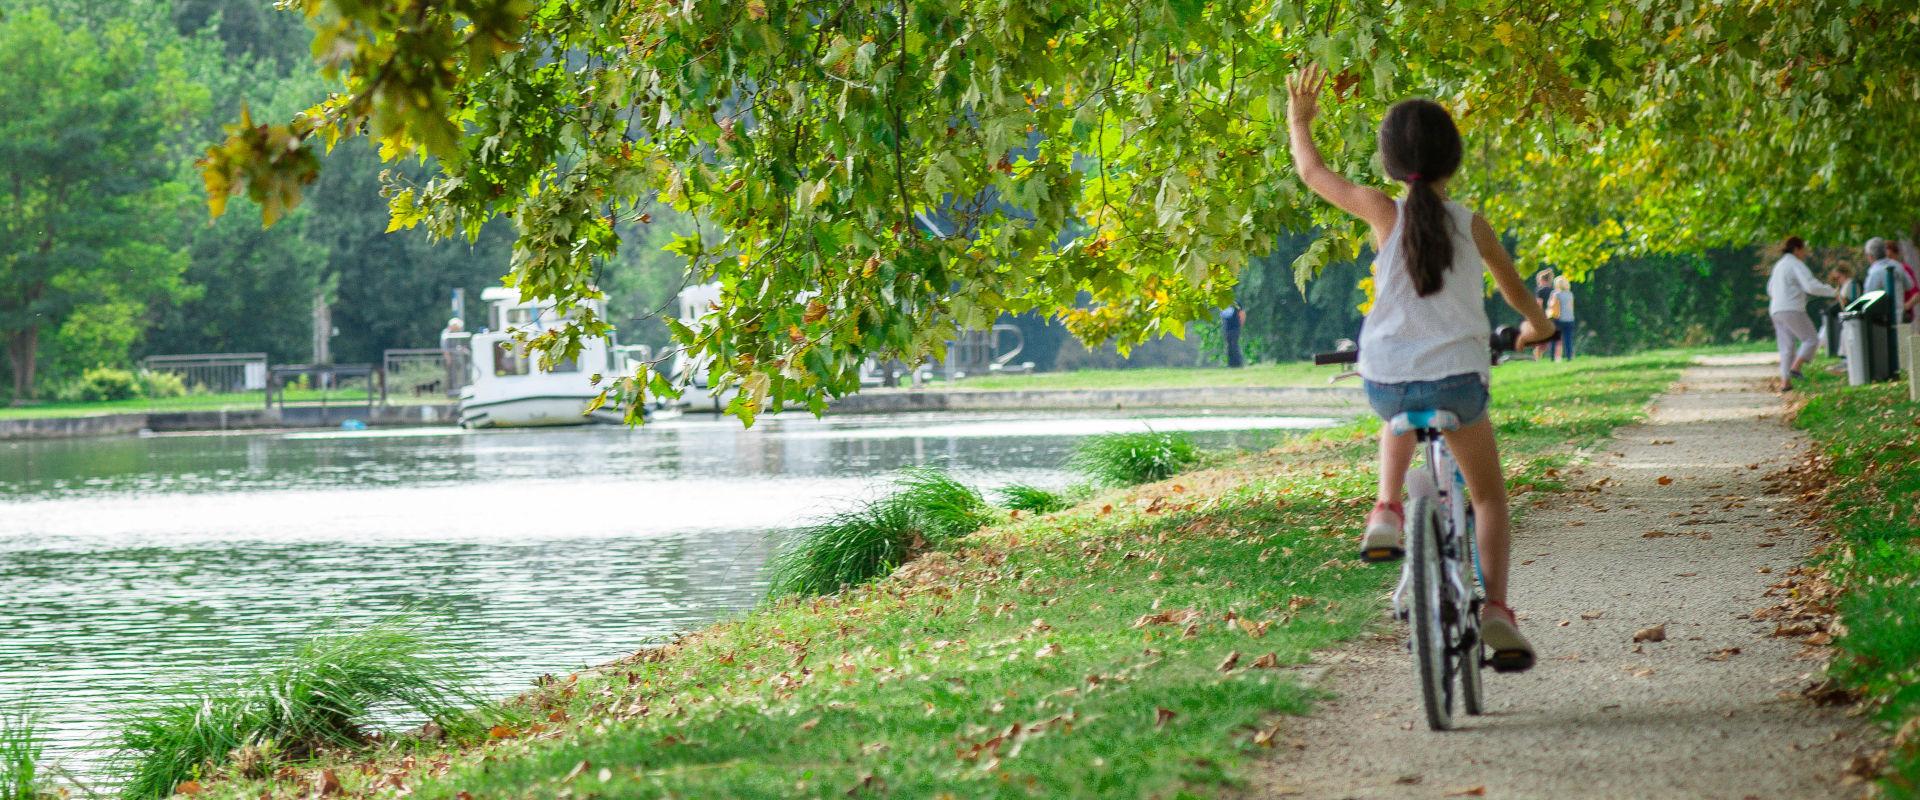 Balade à vélo en Agenais